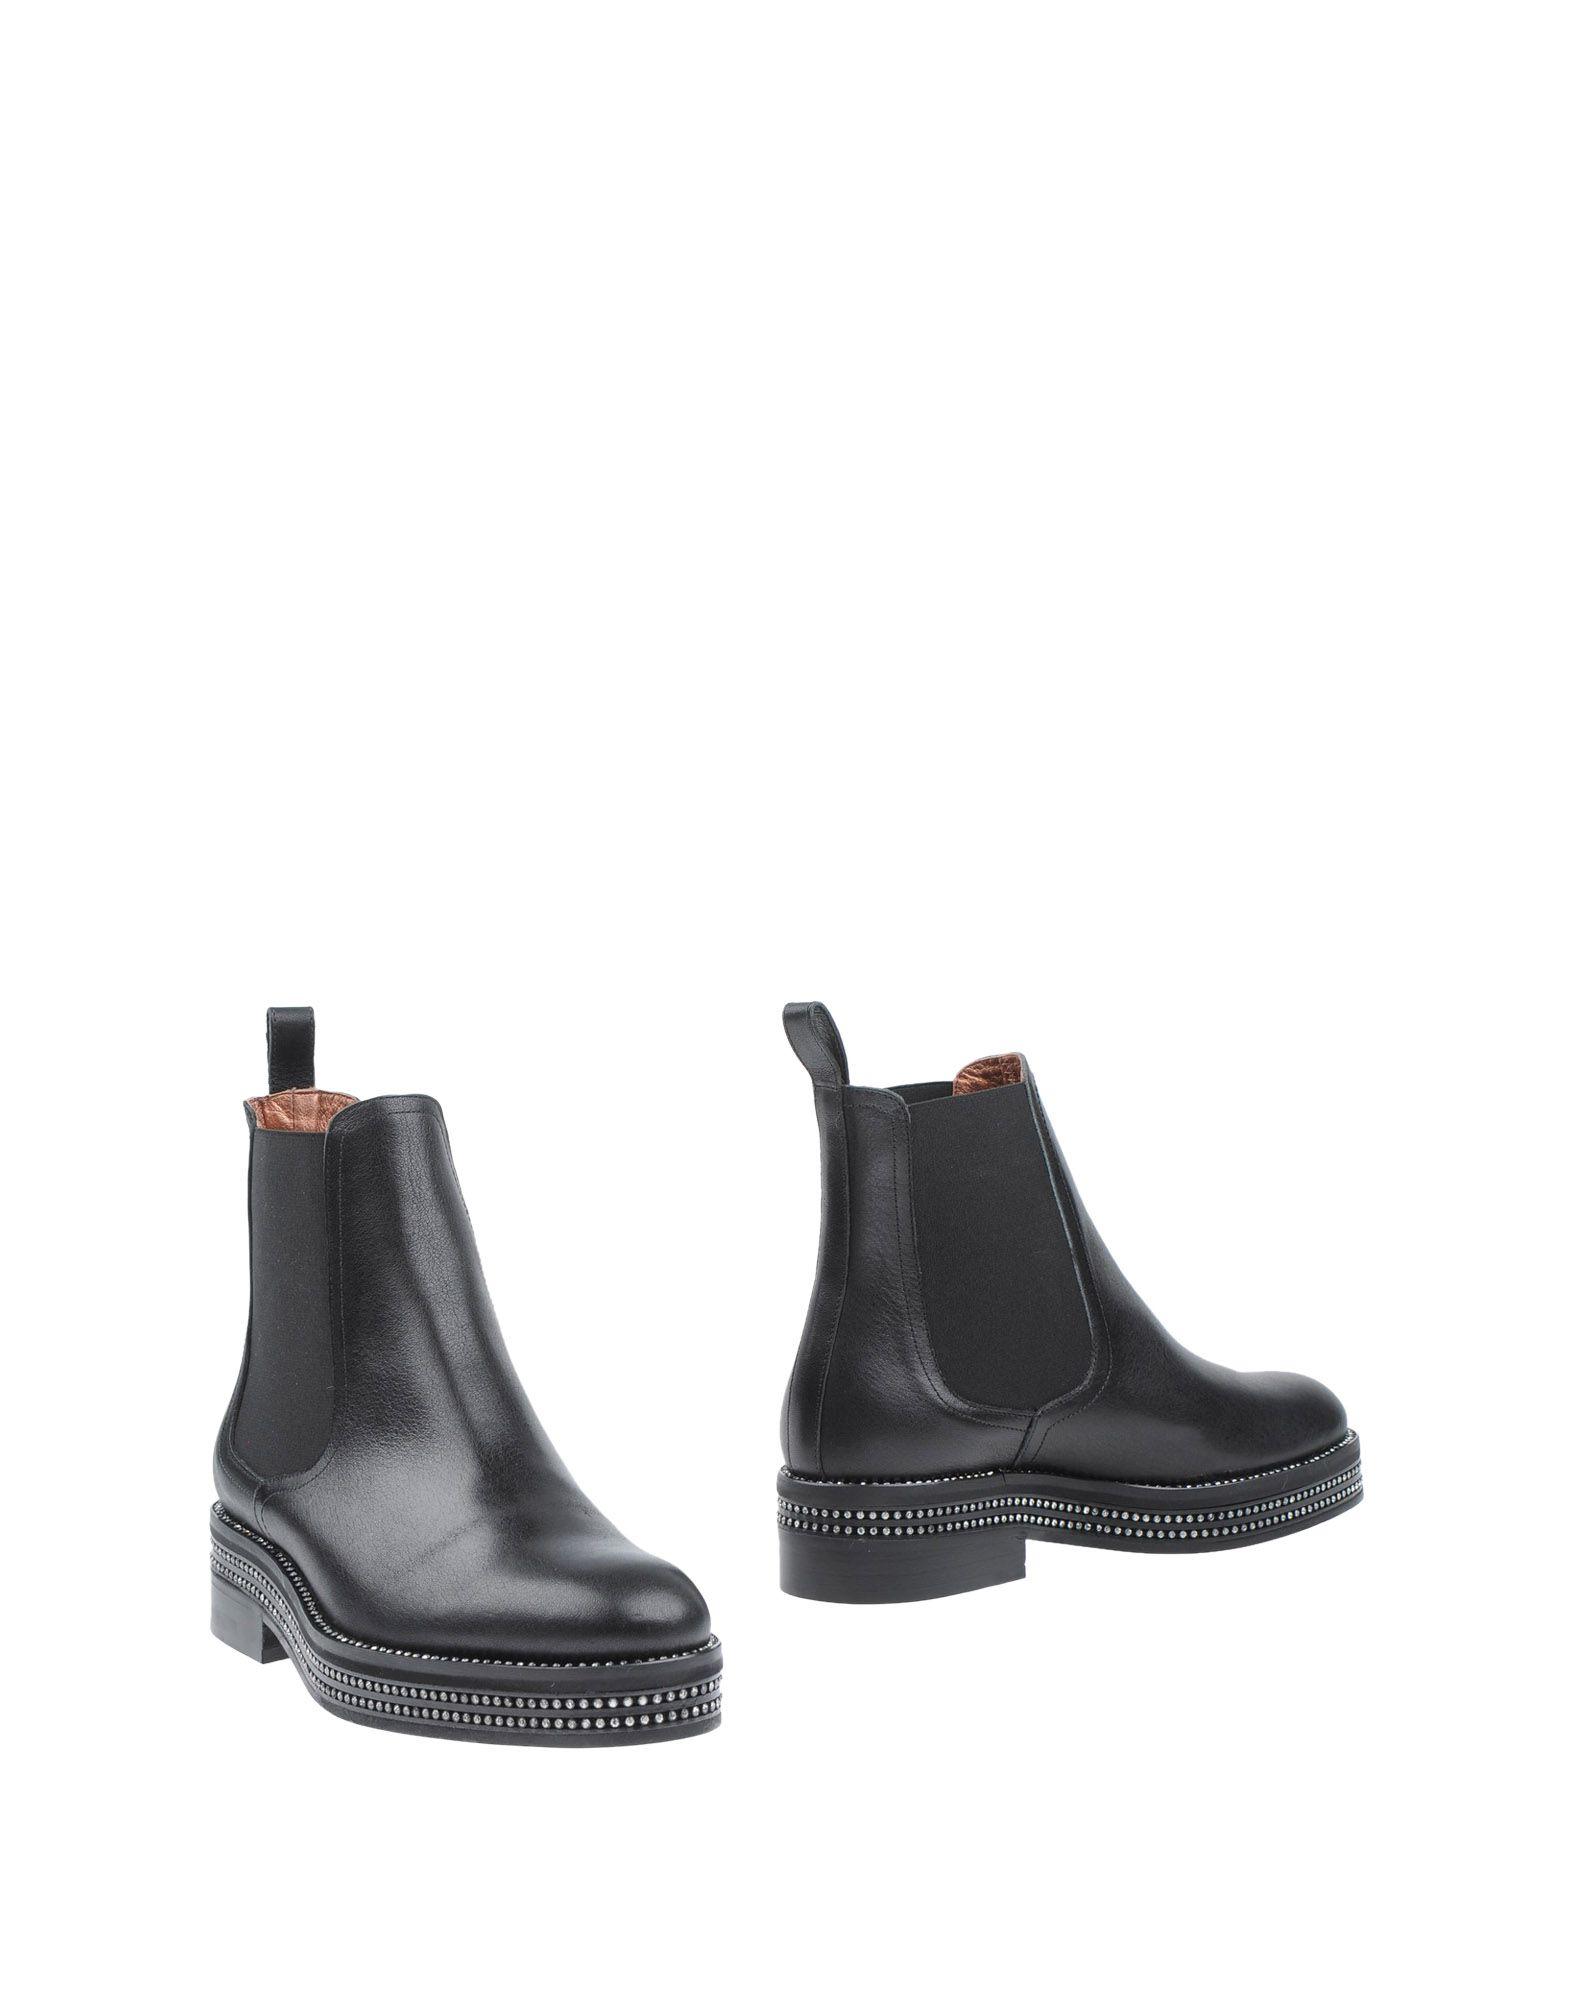 Ras Chelsea Boots Damen  11319788UMGut aussehende strapazierfähige Schuhe